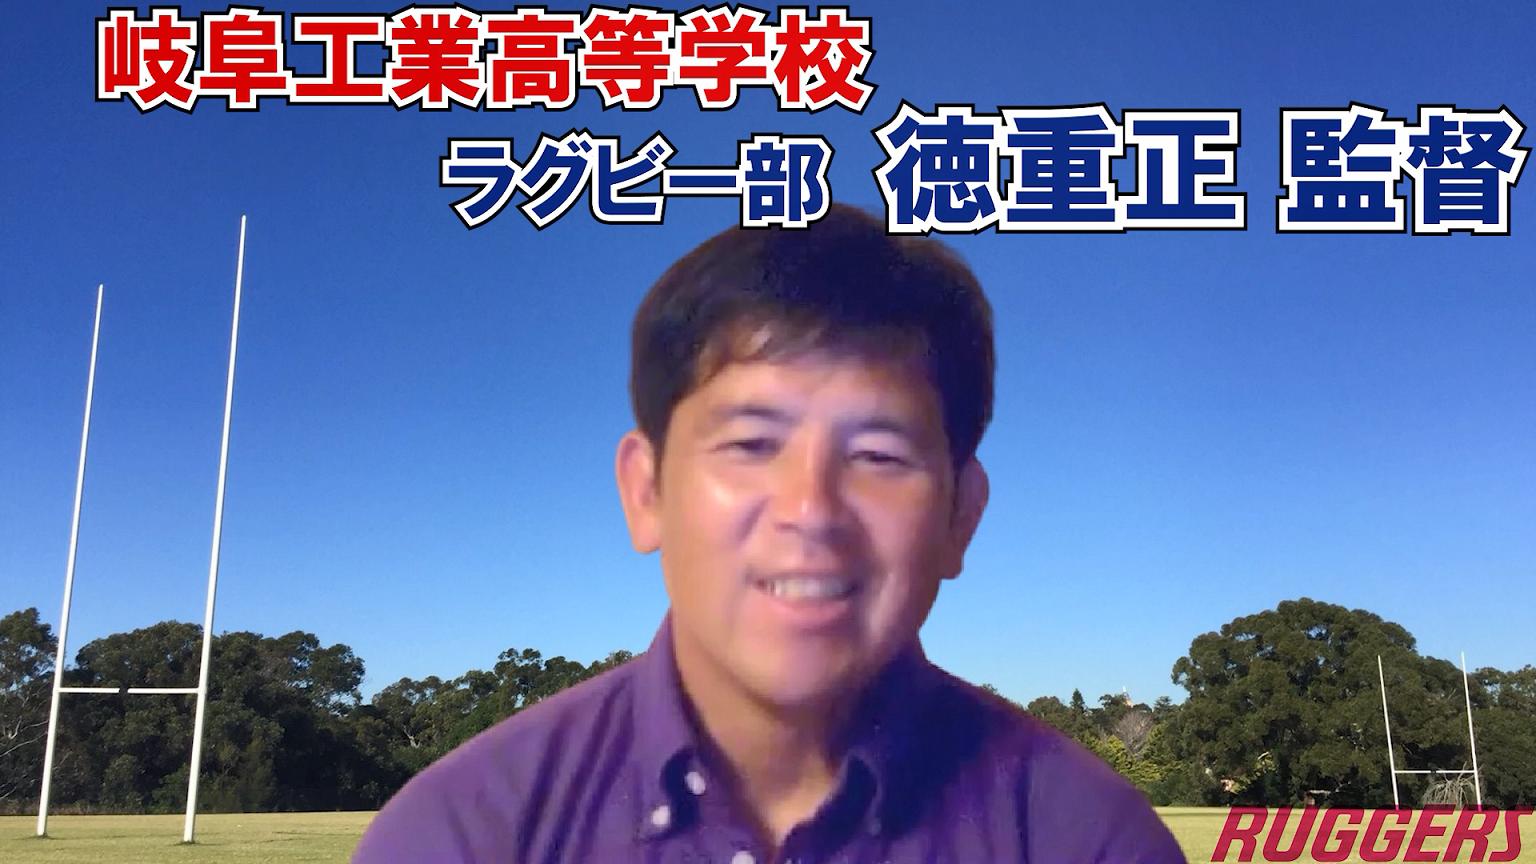 岐阜工業高校ラグビー部・徳重監督インタビュー